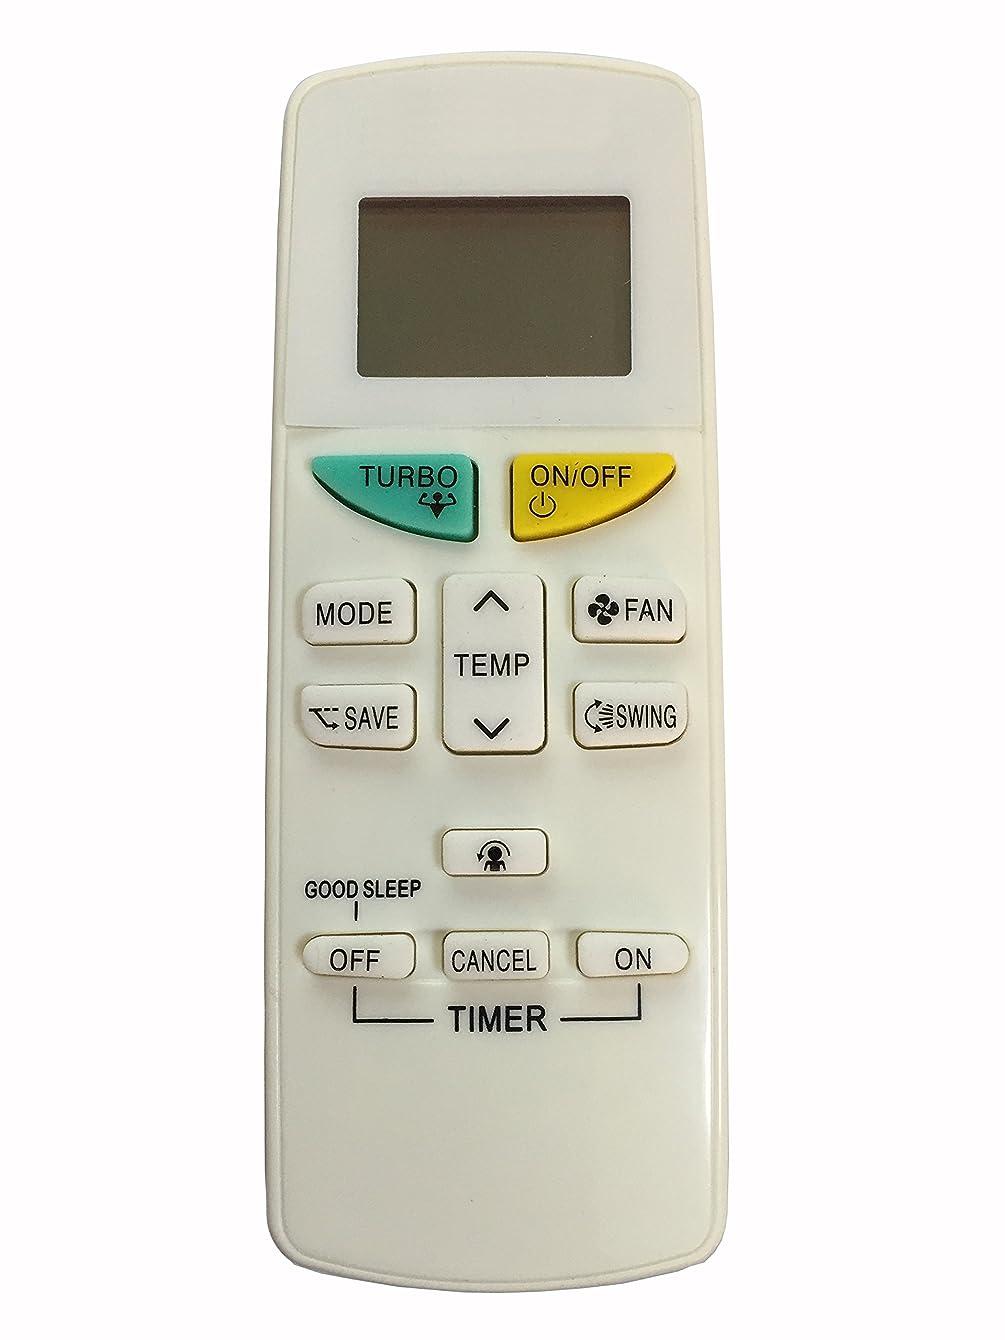 Meide DAIKIN Air Conditioner Remote Control For DAIKIN Air Conditioning Remote Controller FTX32FV2C FVXS71FV2CW FVXH372KCK5 FTXD35FV2CG FTXJ335NC-N FTXH325NC-W